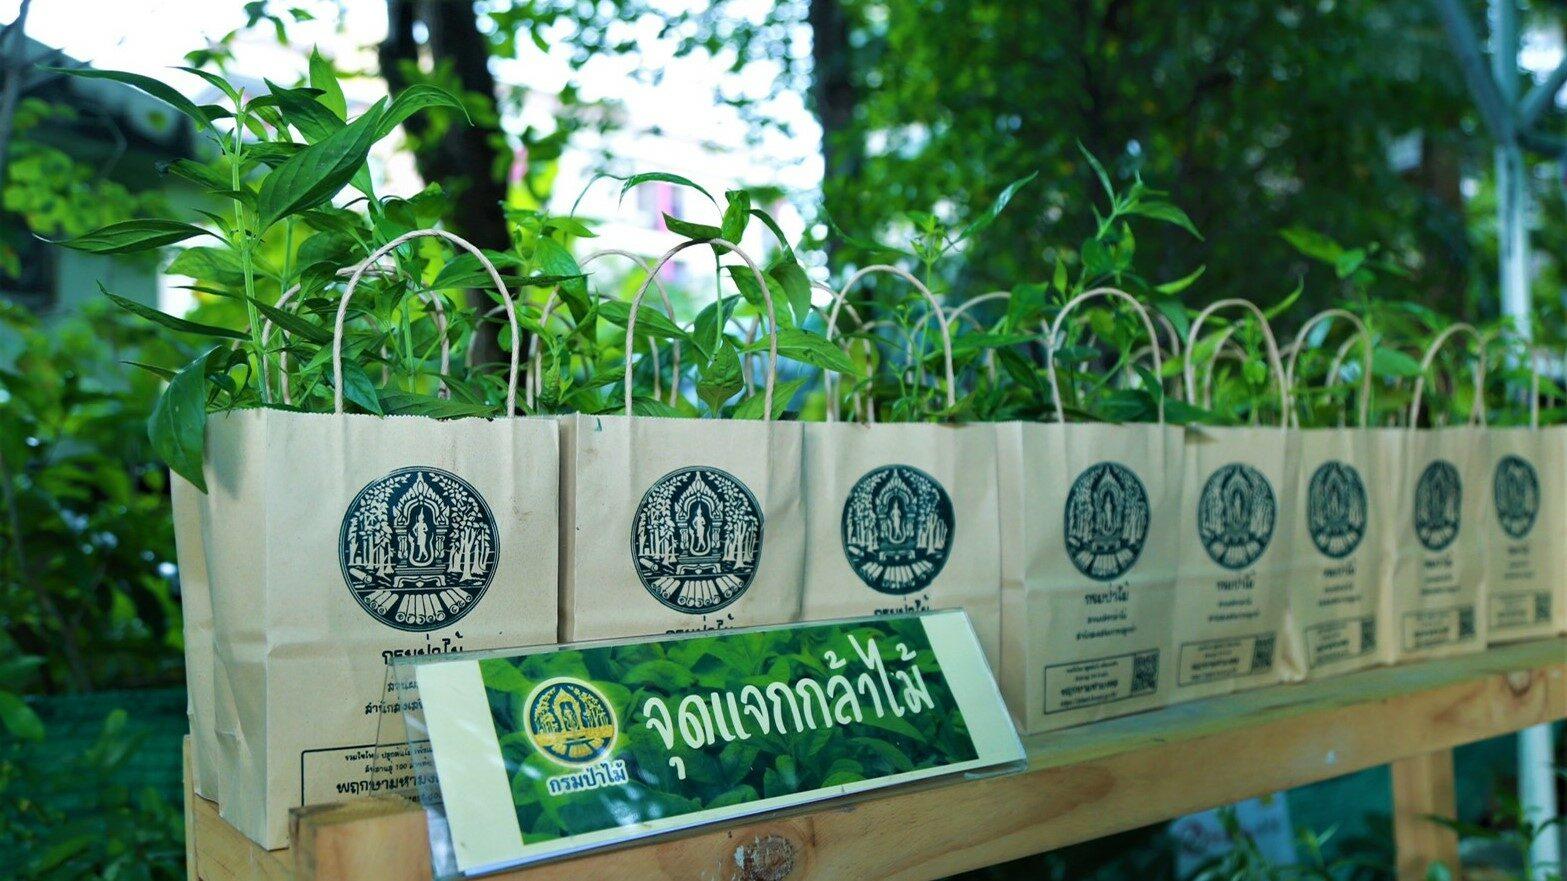 กรมป่าไม้แจกกล้า'ฟ้าทะลายโจร'สมุนไพรไทยยับยั้งการแพร่เชื้อโควิด-19